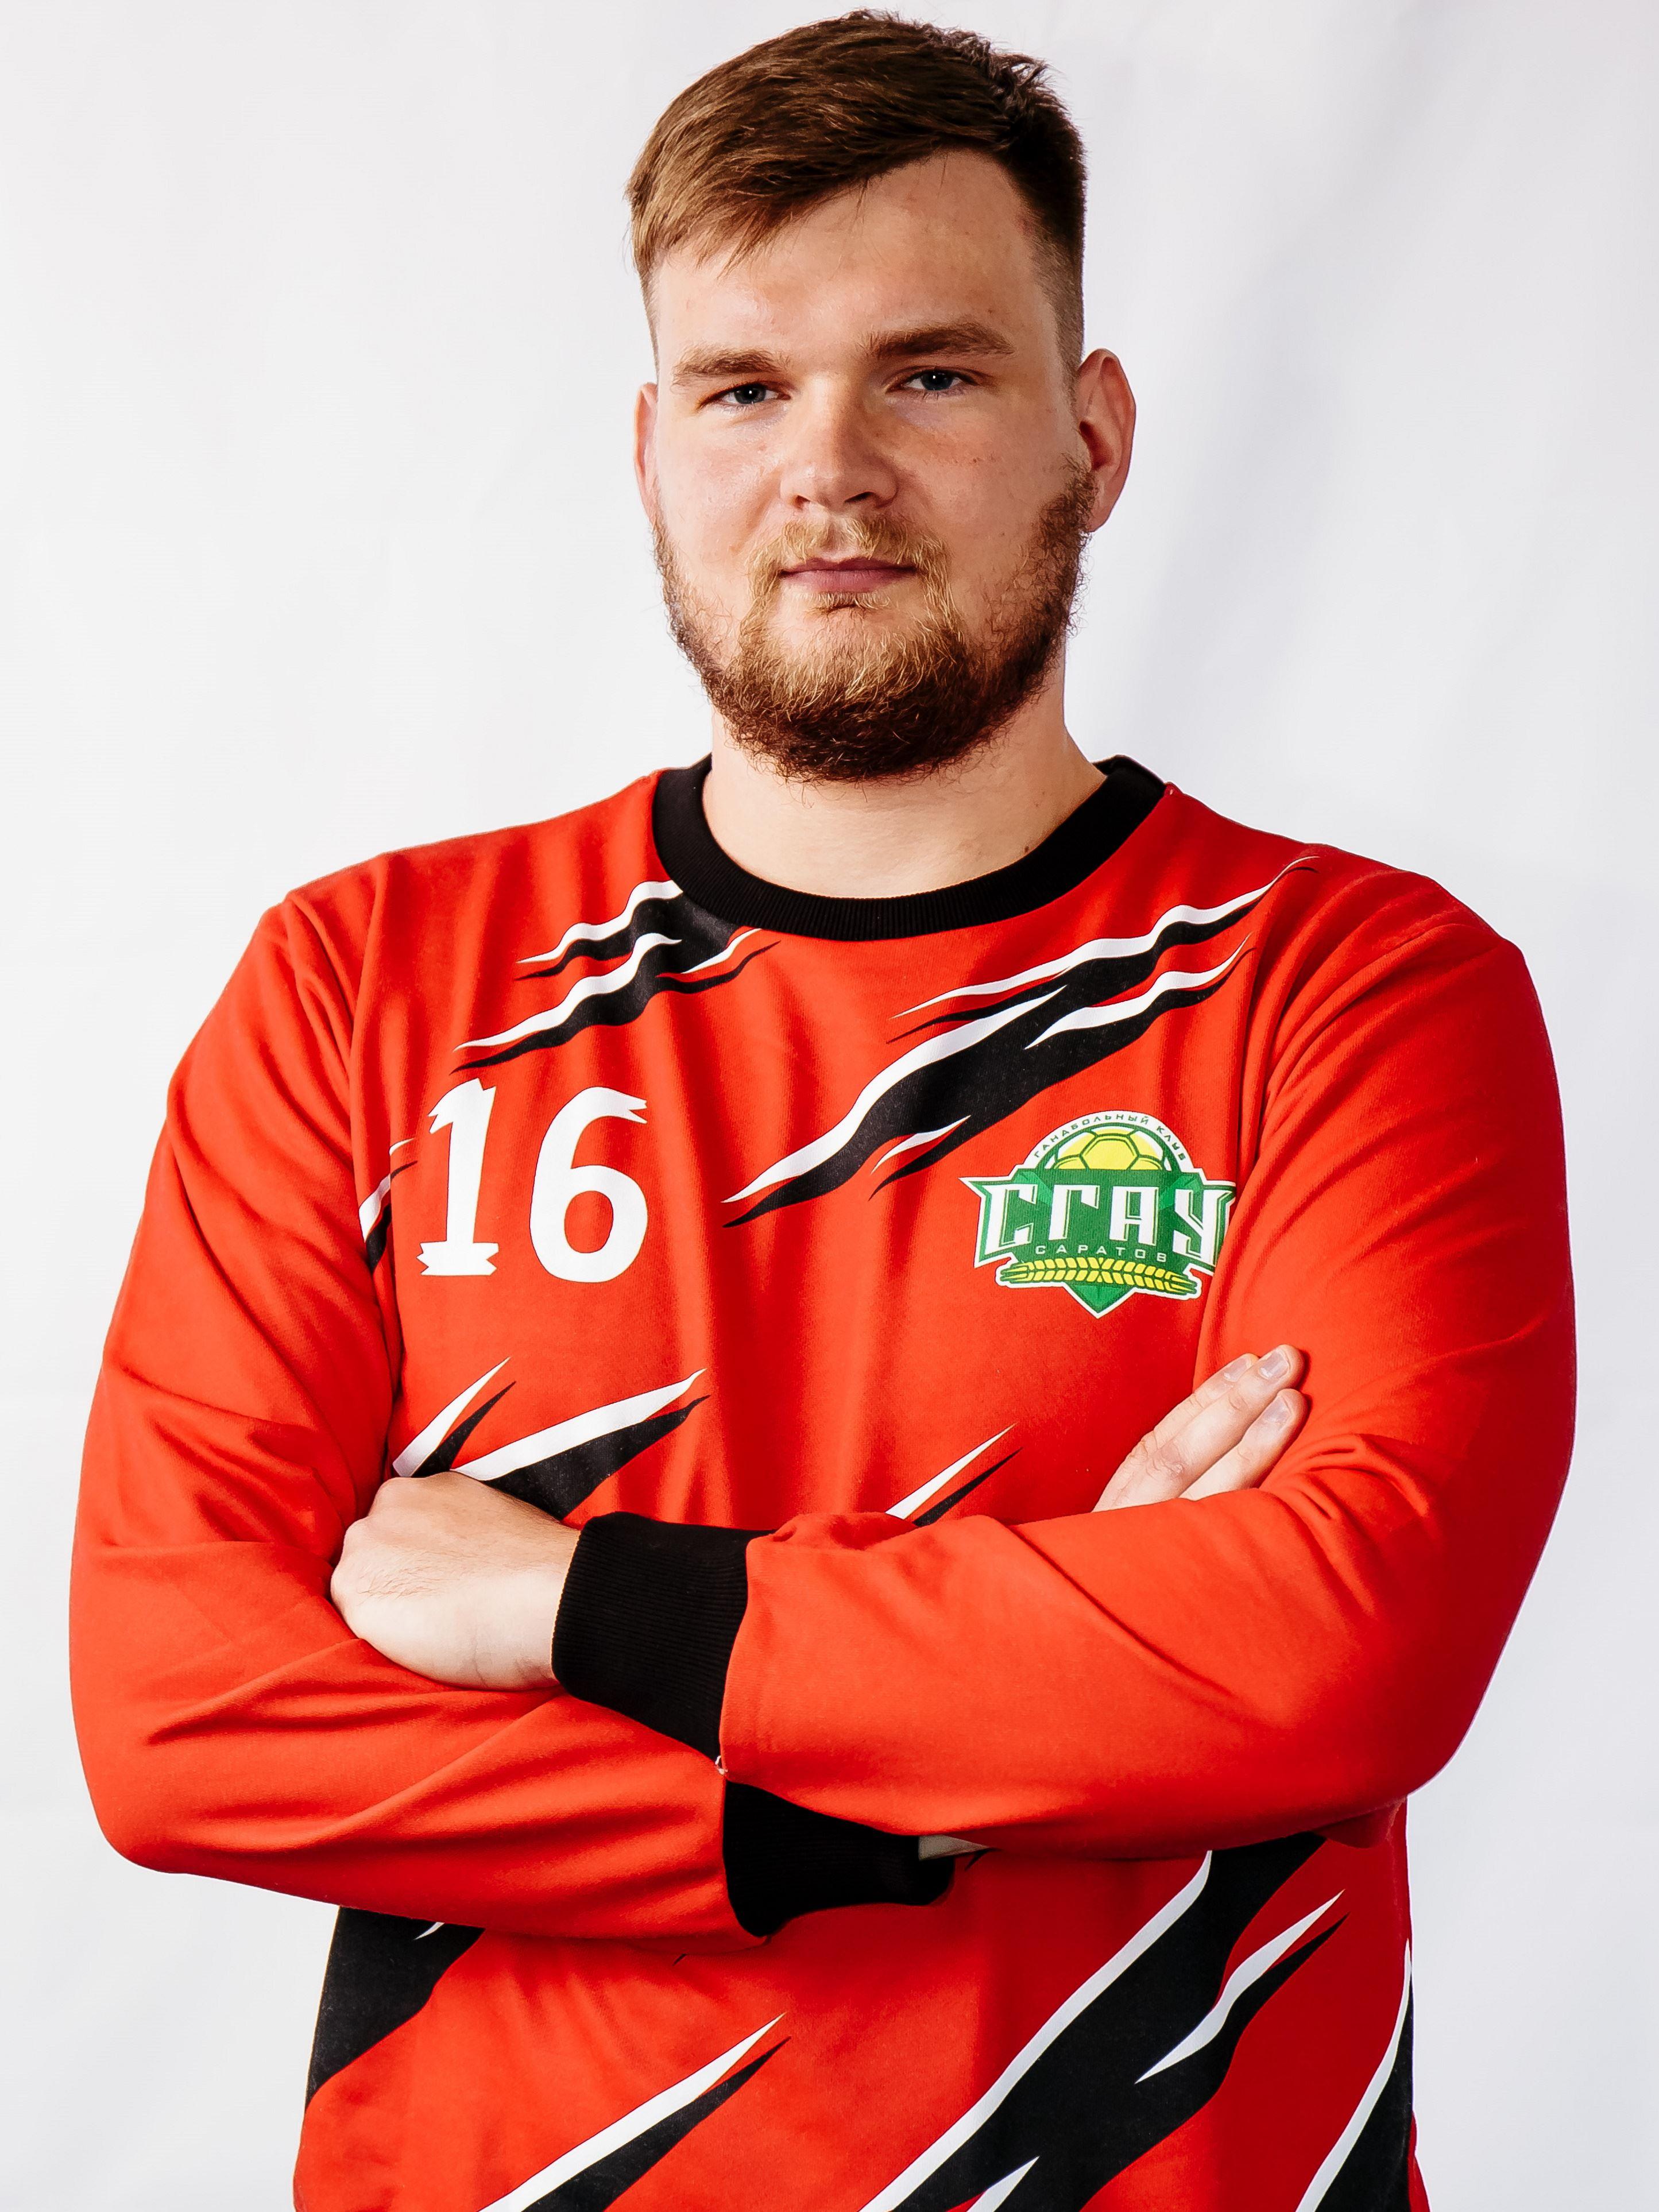 Сергеев Юрий Олегович